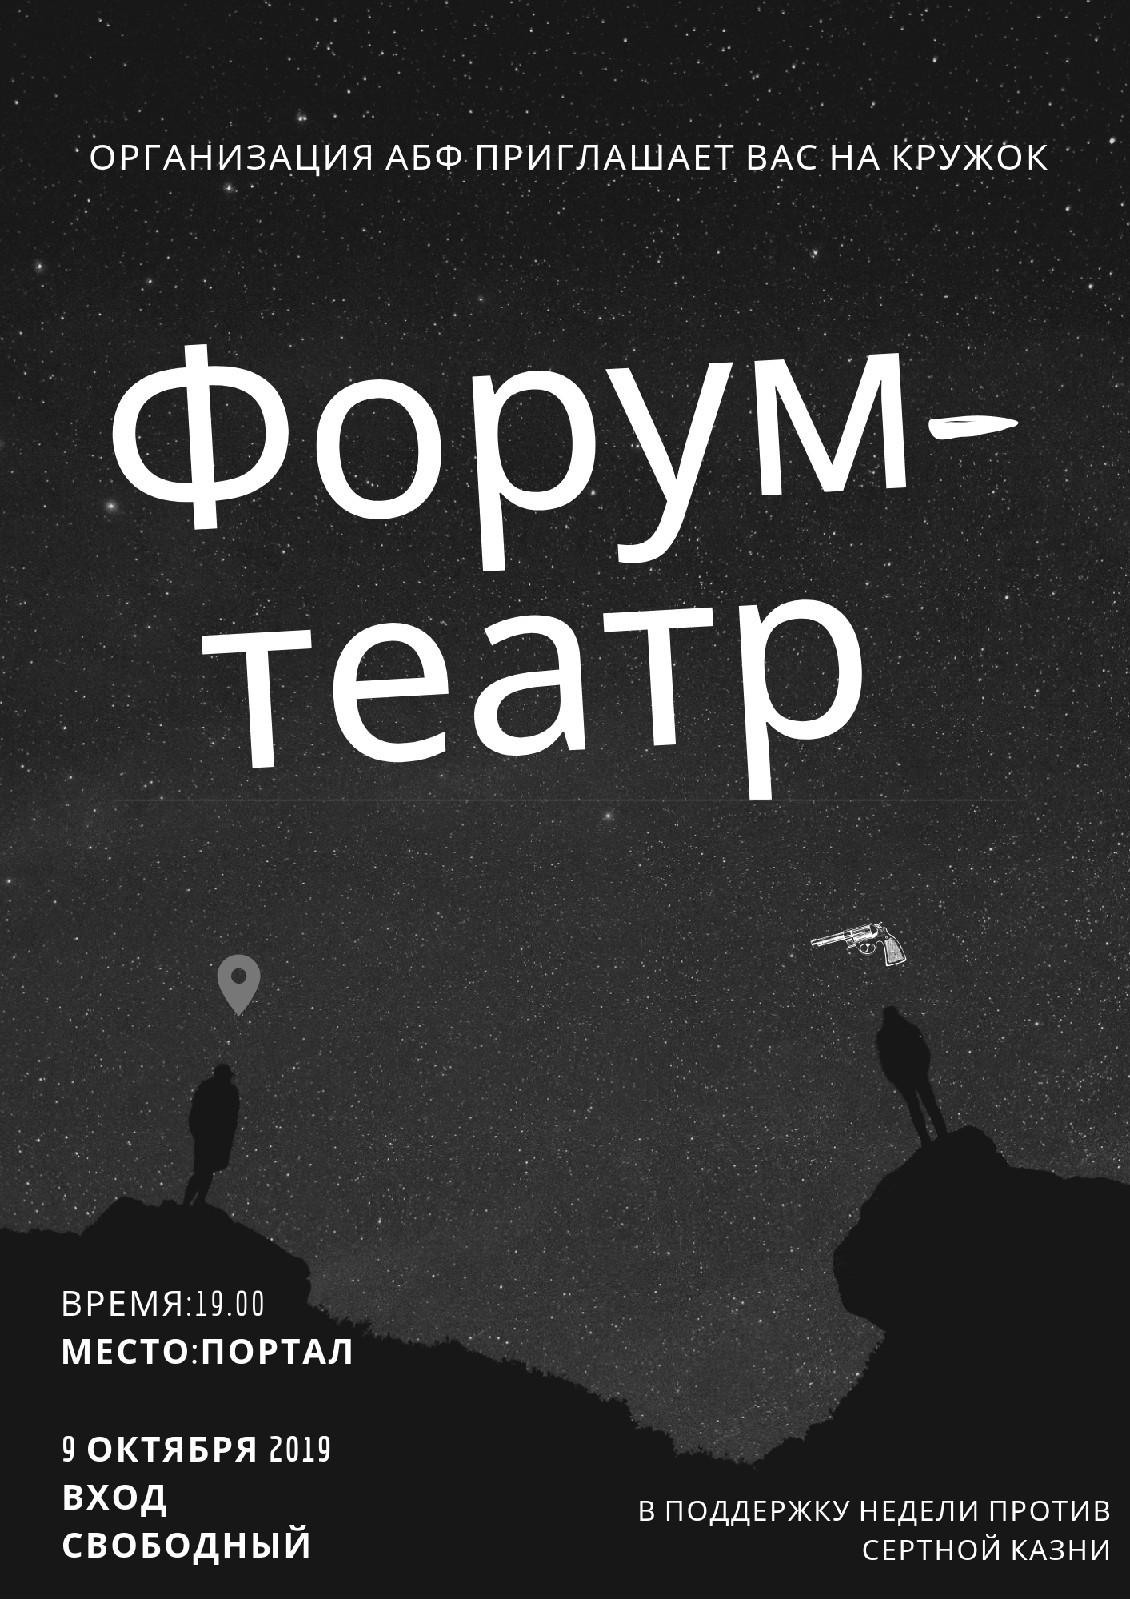 """Гурток АБФ """"Форум-тэатр"""""""